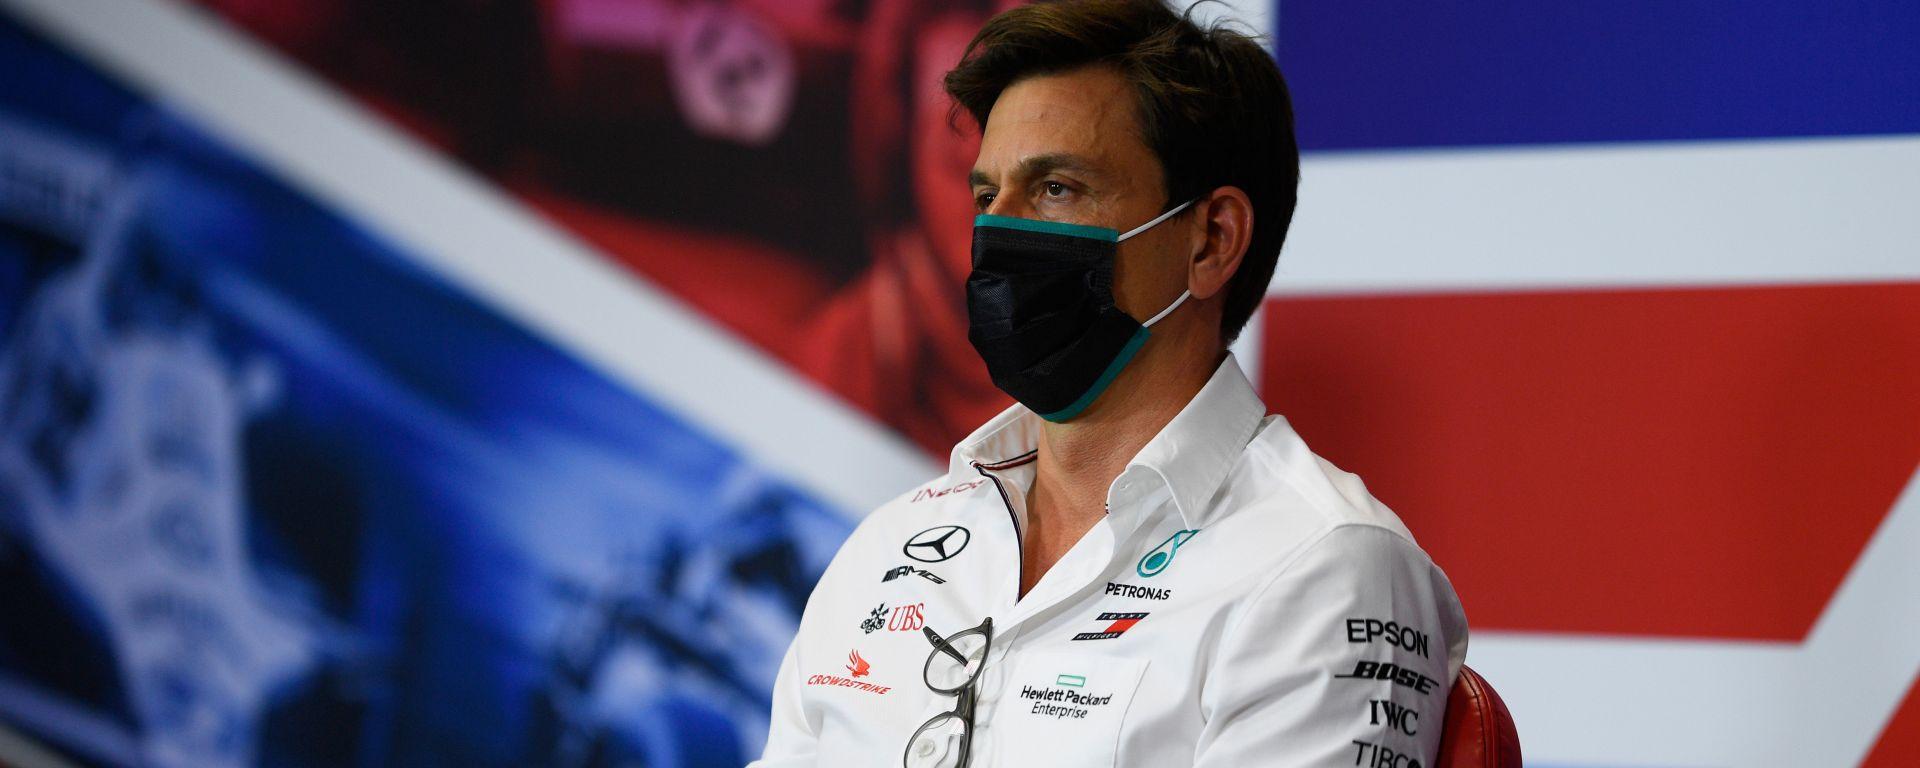 F1, GP 70esimo anniversario: Toto Wolff (Mercedes)